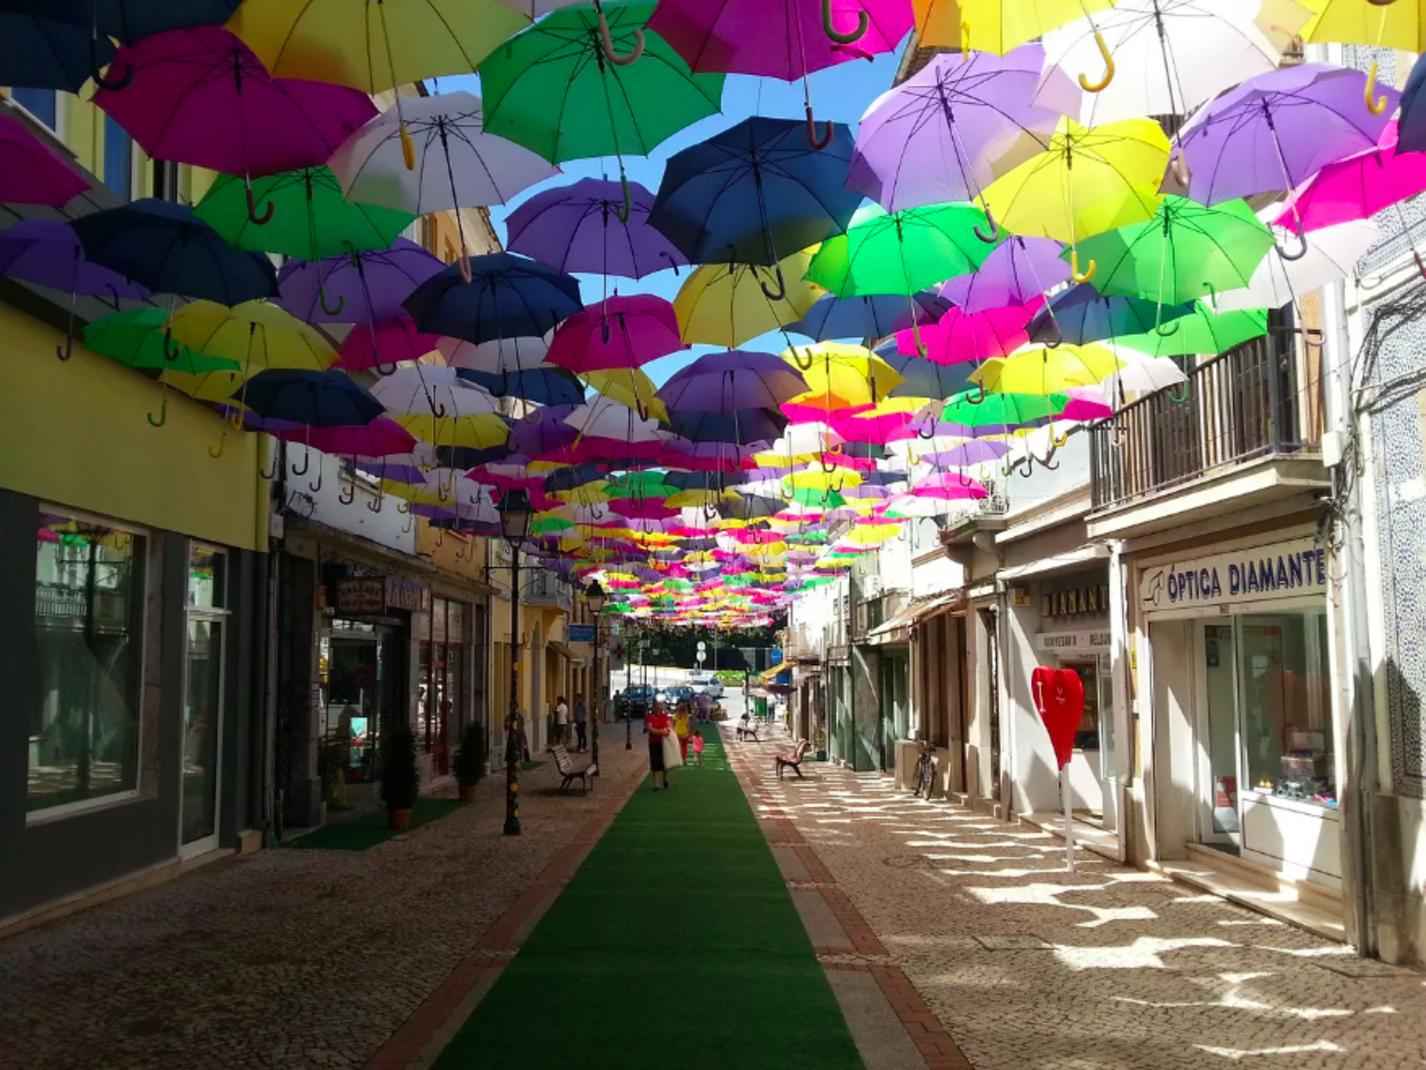 Il y a 3 rues portugaises parmi les plus belles du monde